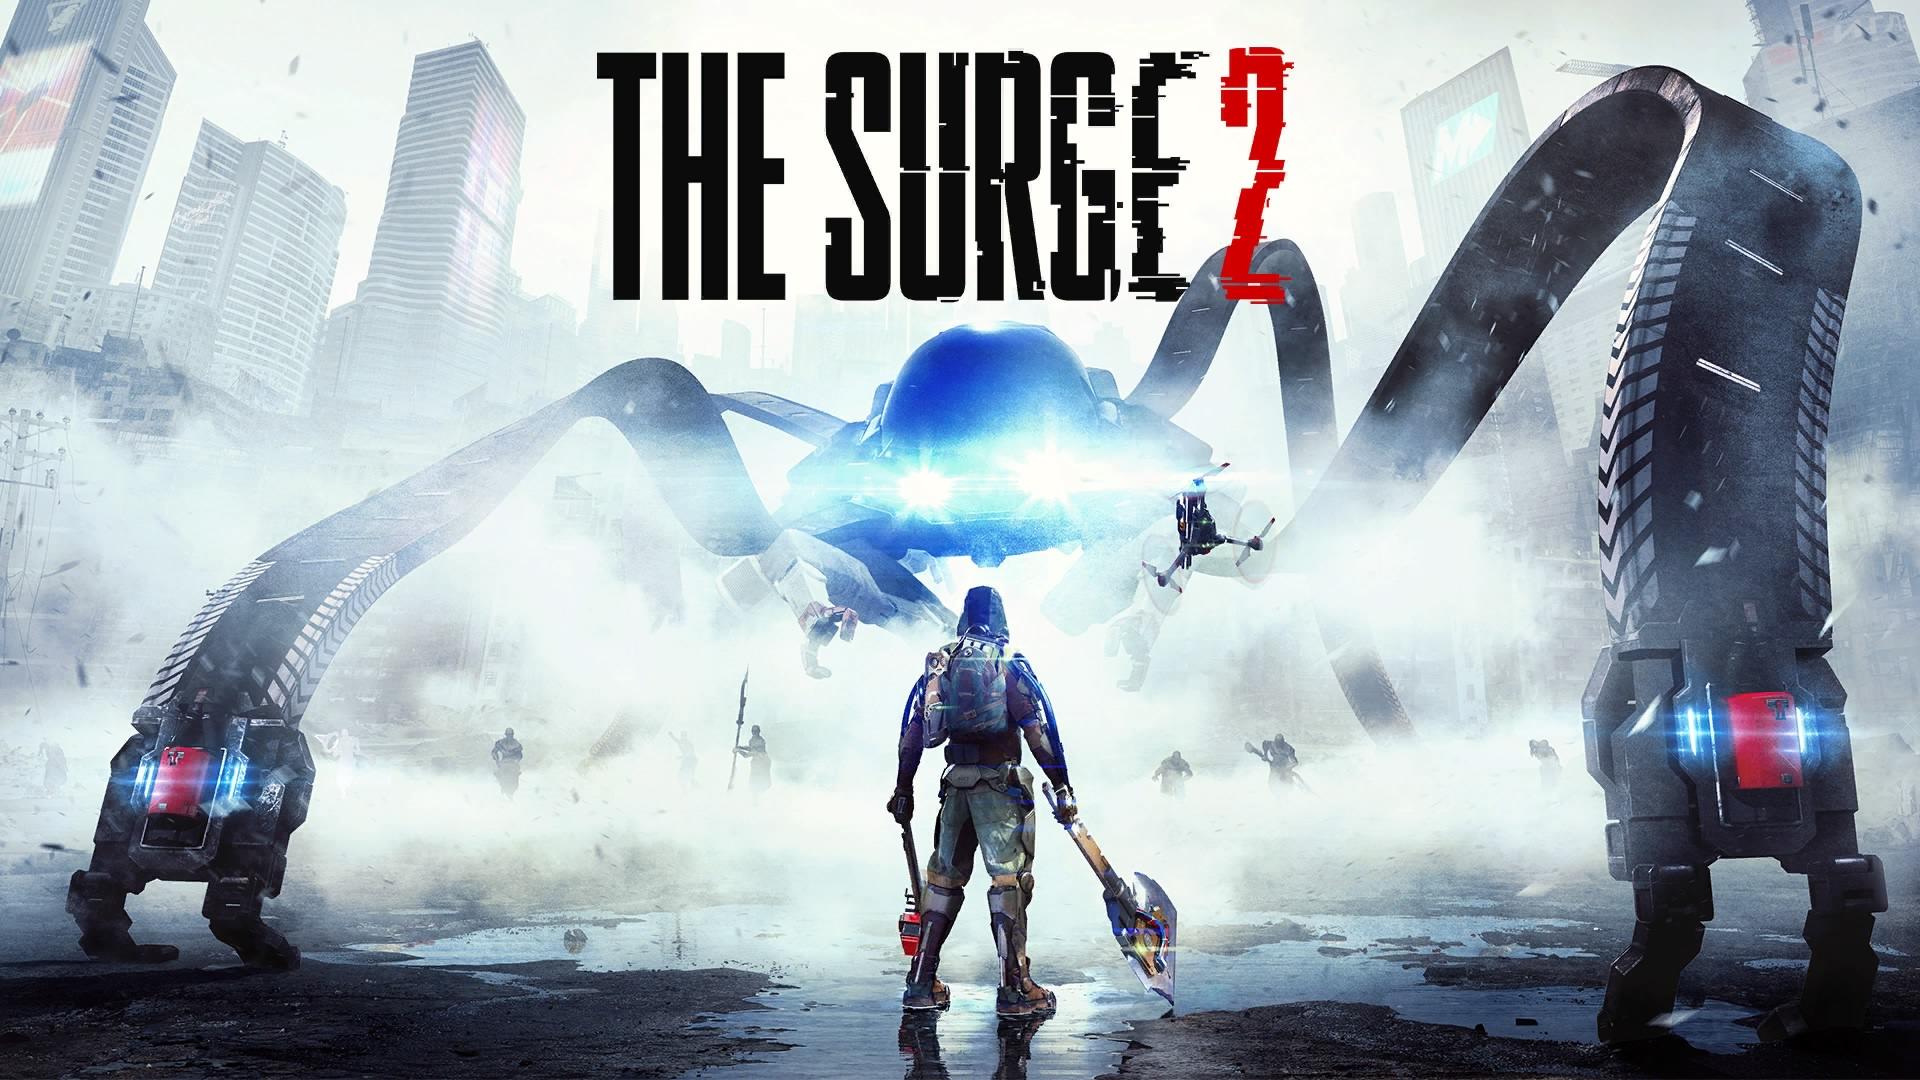 The Surge 2 - krok w dobrą stronę (recenzja) 20